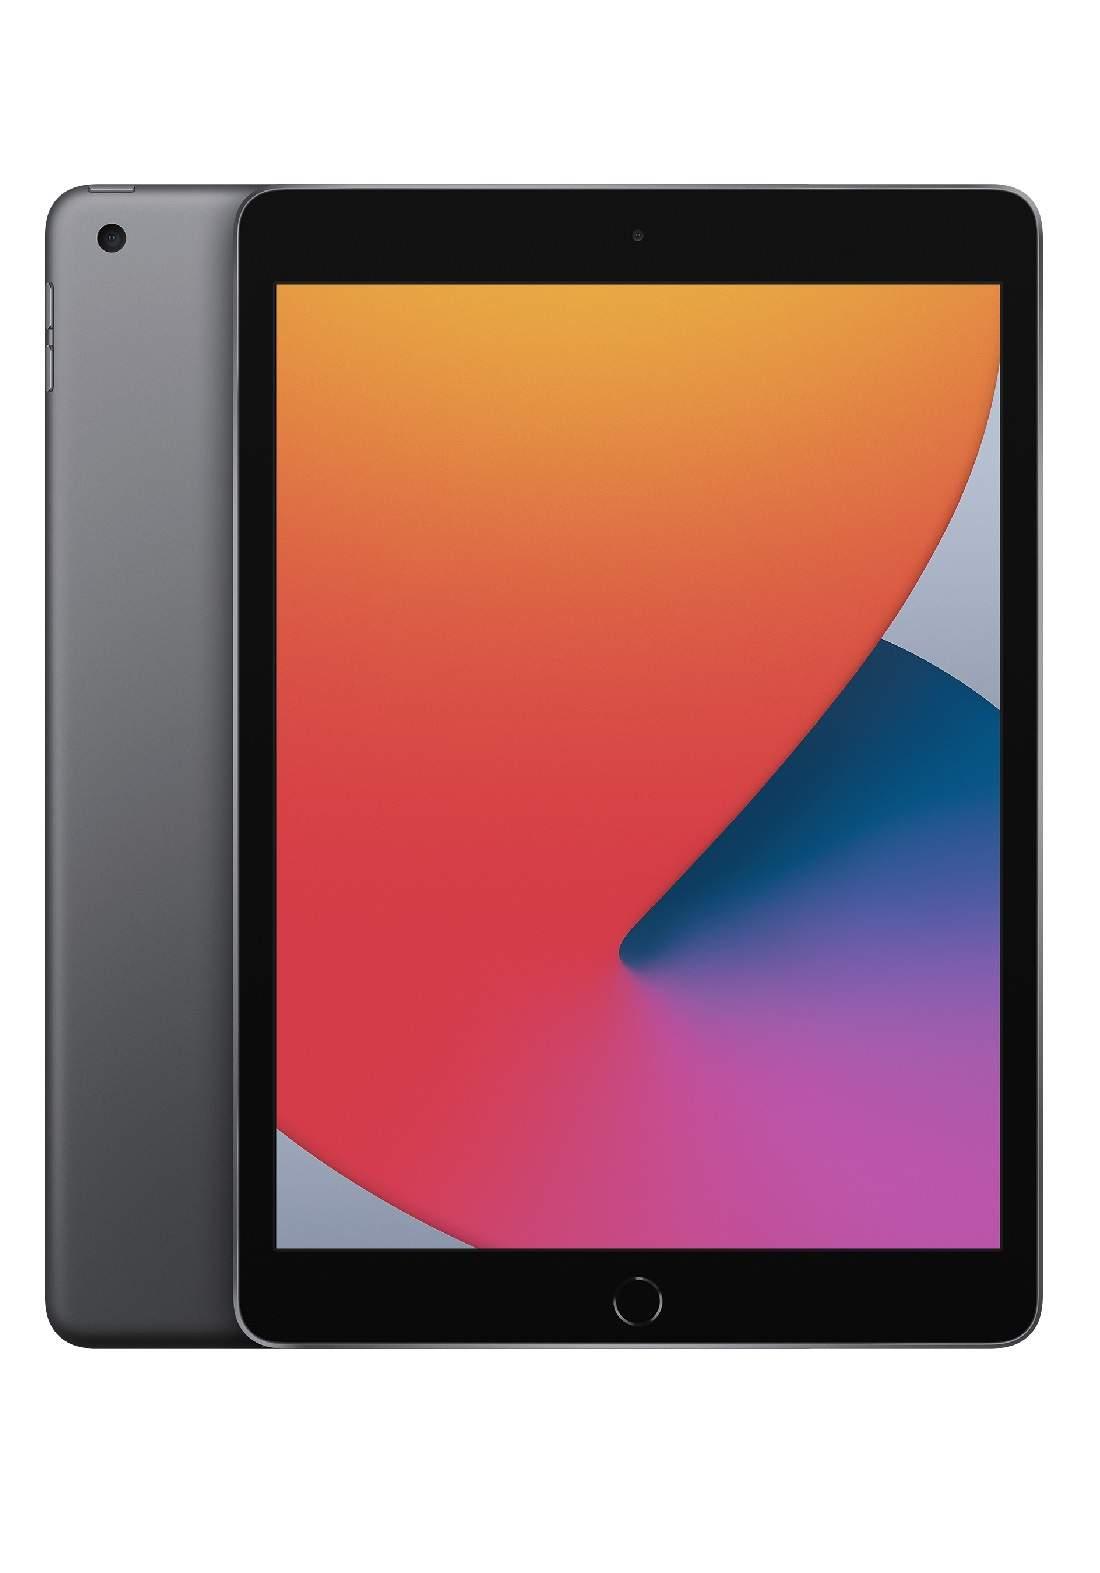 Apple iPad 8 - 10.2 (2020) - 32GB -  WIFI  - Space Gray